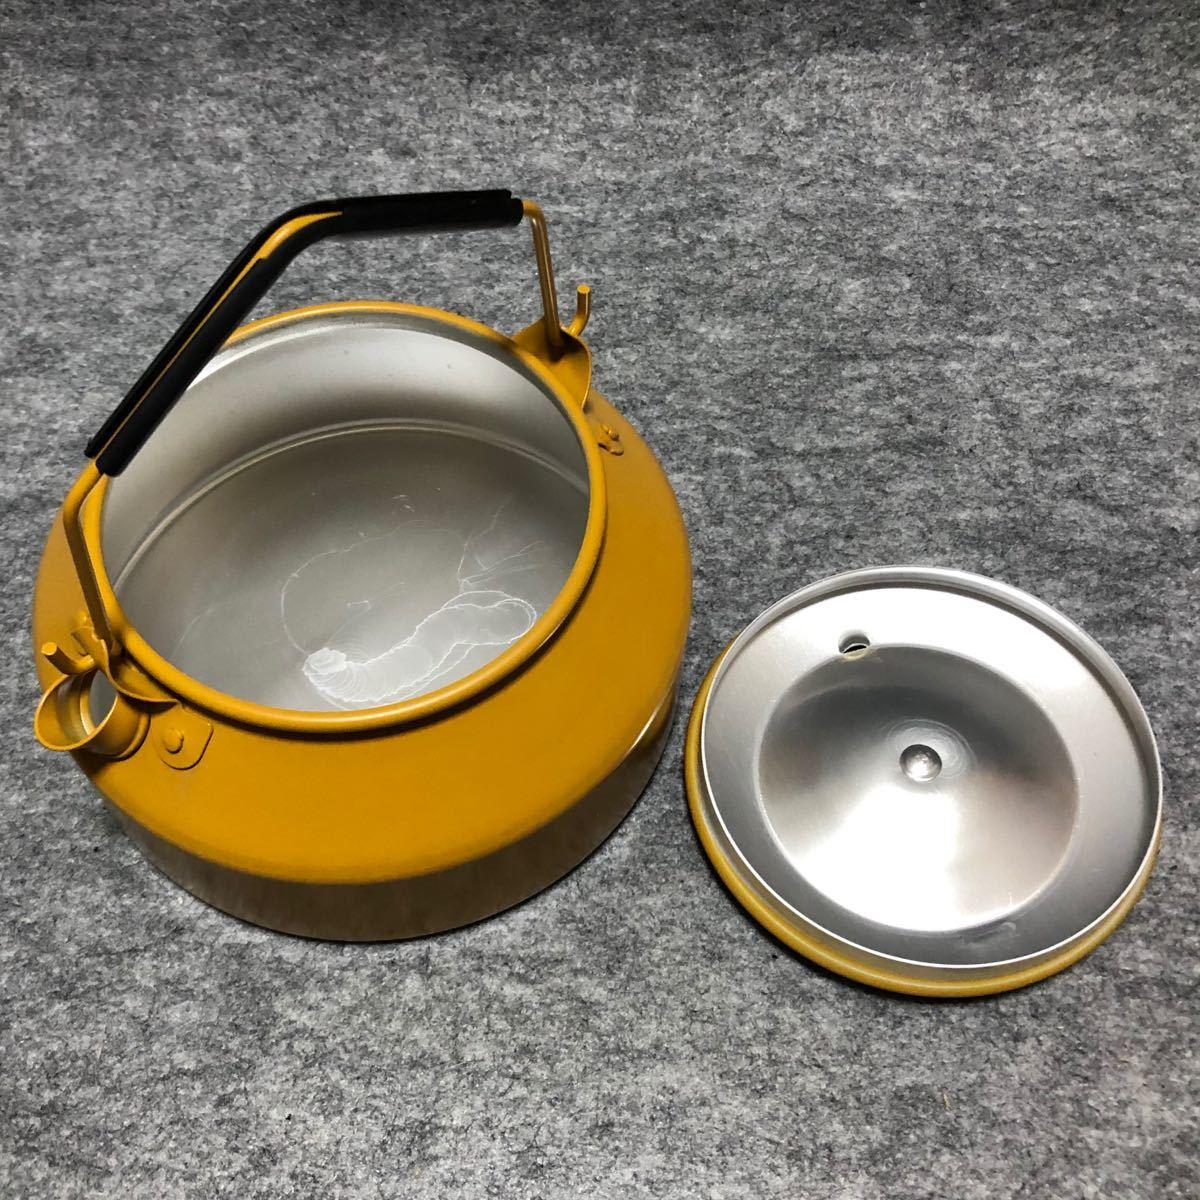 トランギア ケトル TR-SN324 0.9L  GOLDEN YELLOW trangia  series25